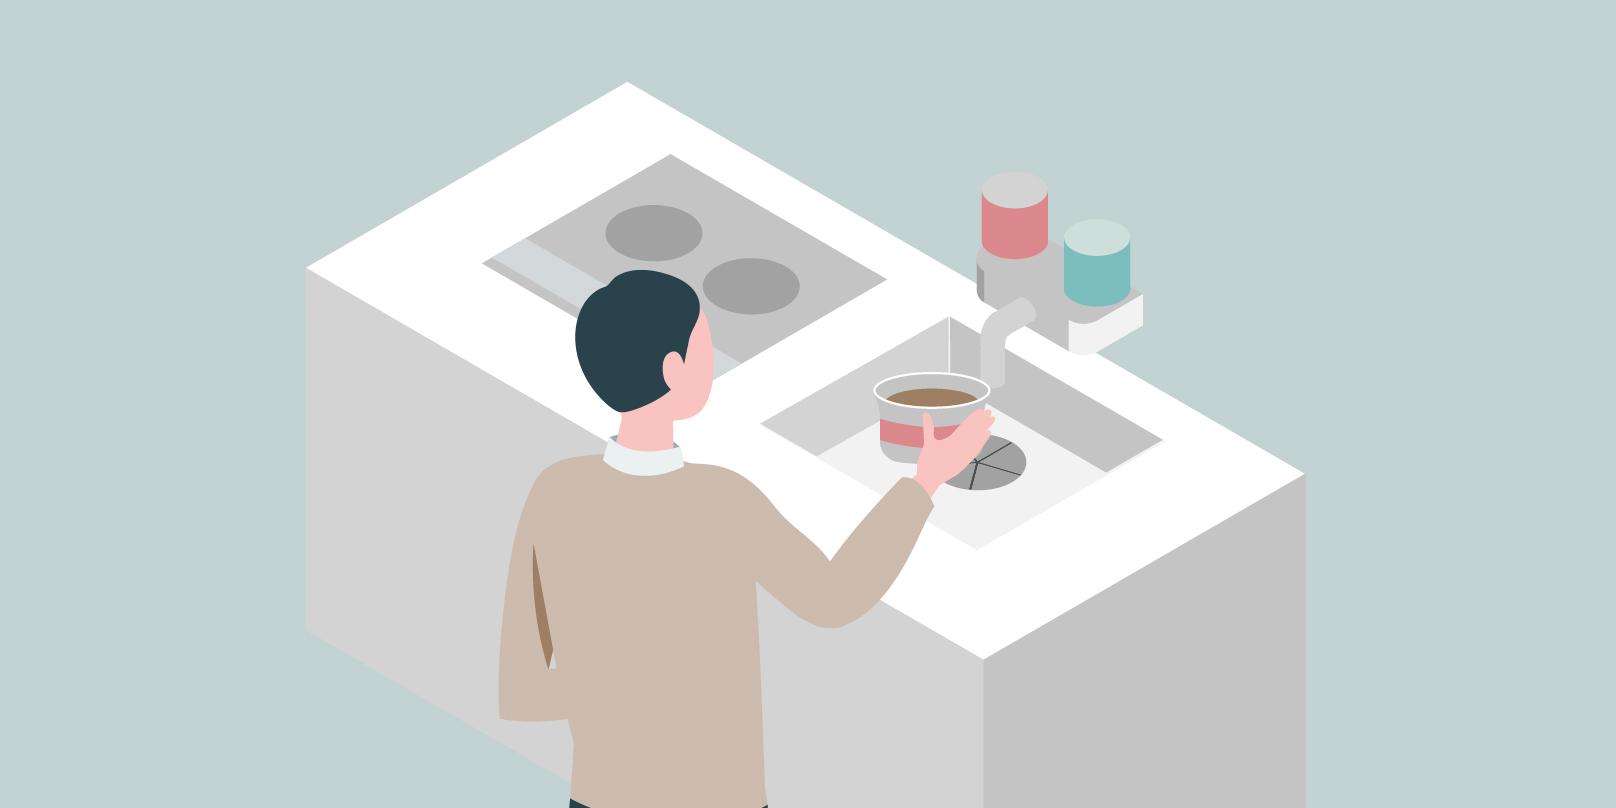 男の人が綺麗な台所の前で立っているイメージ